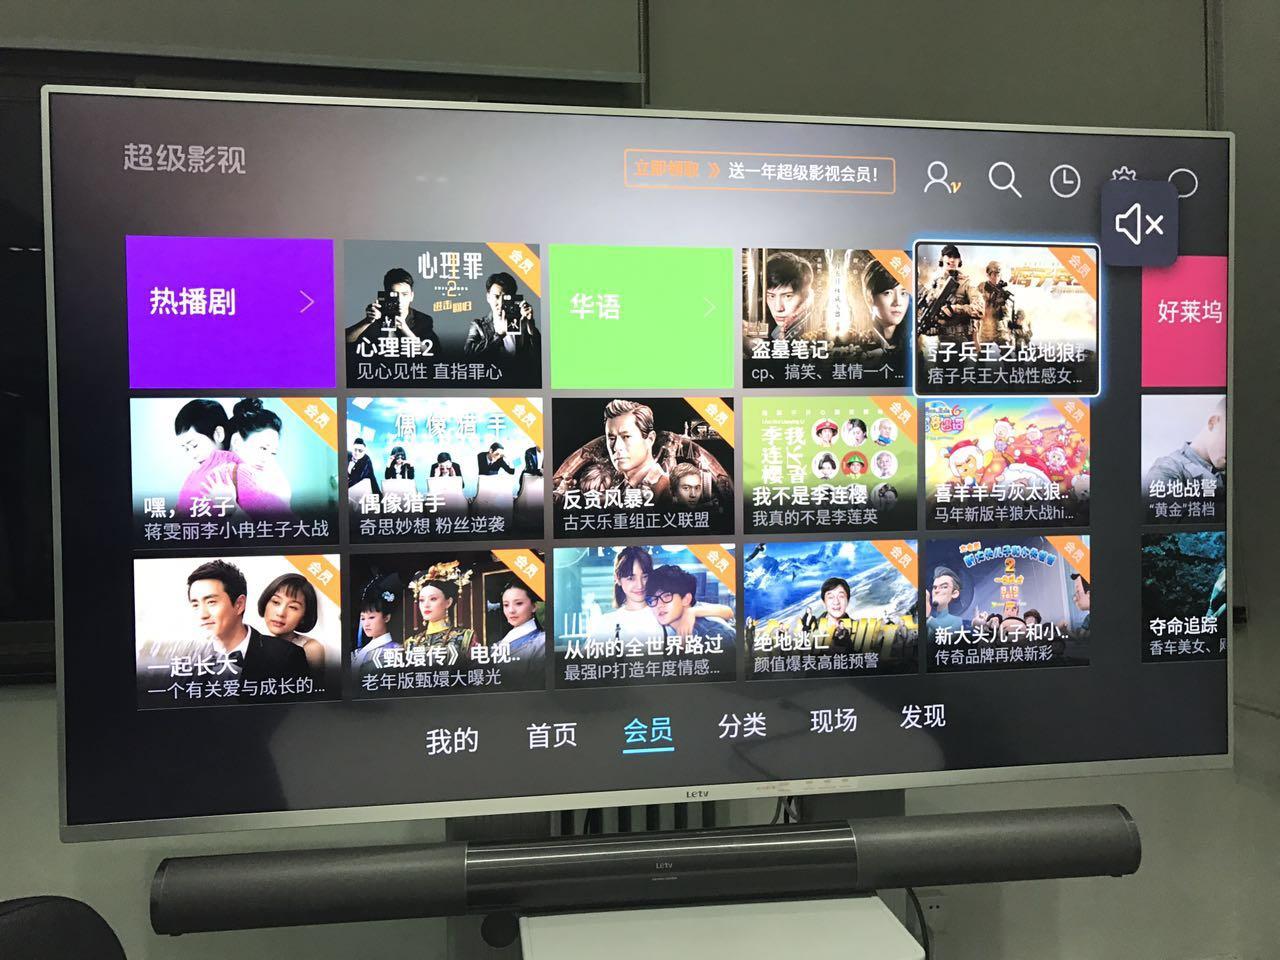 TV端-会员频道华语推荐